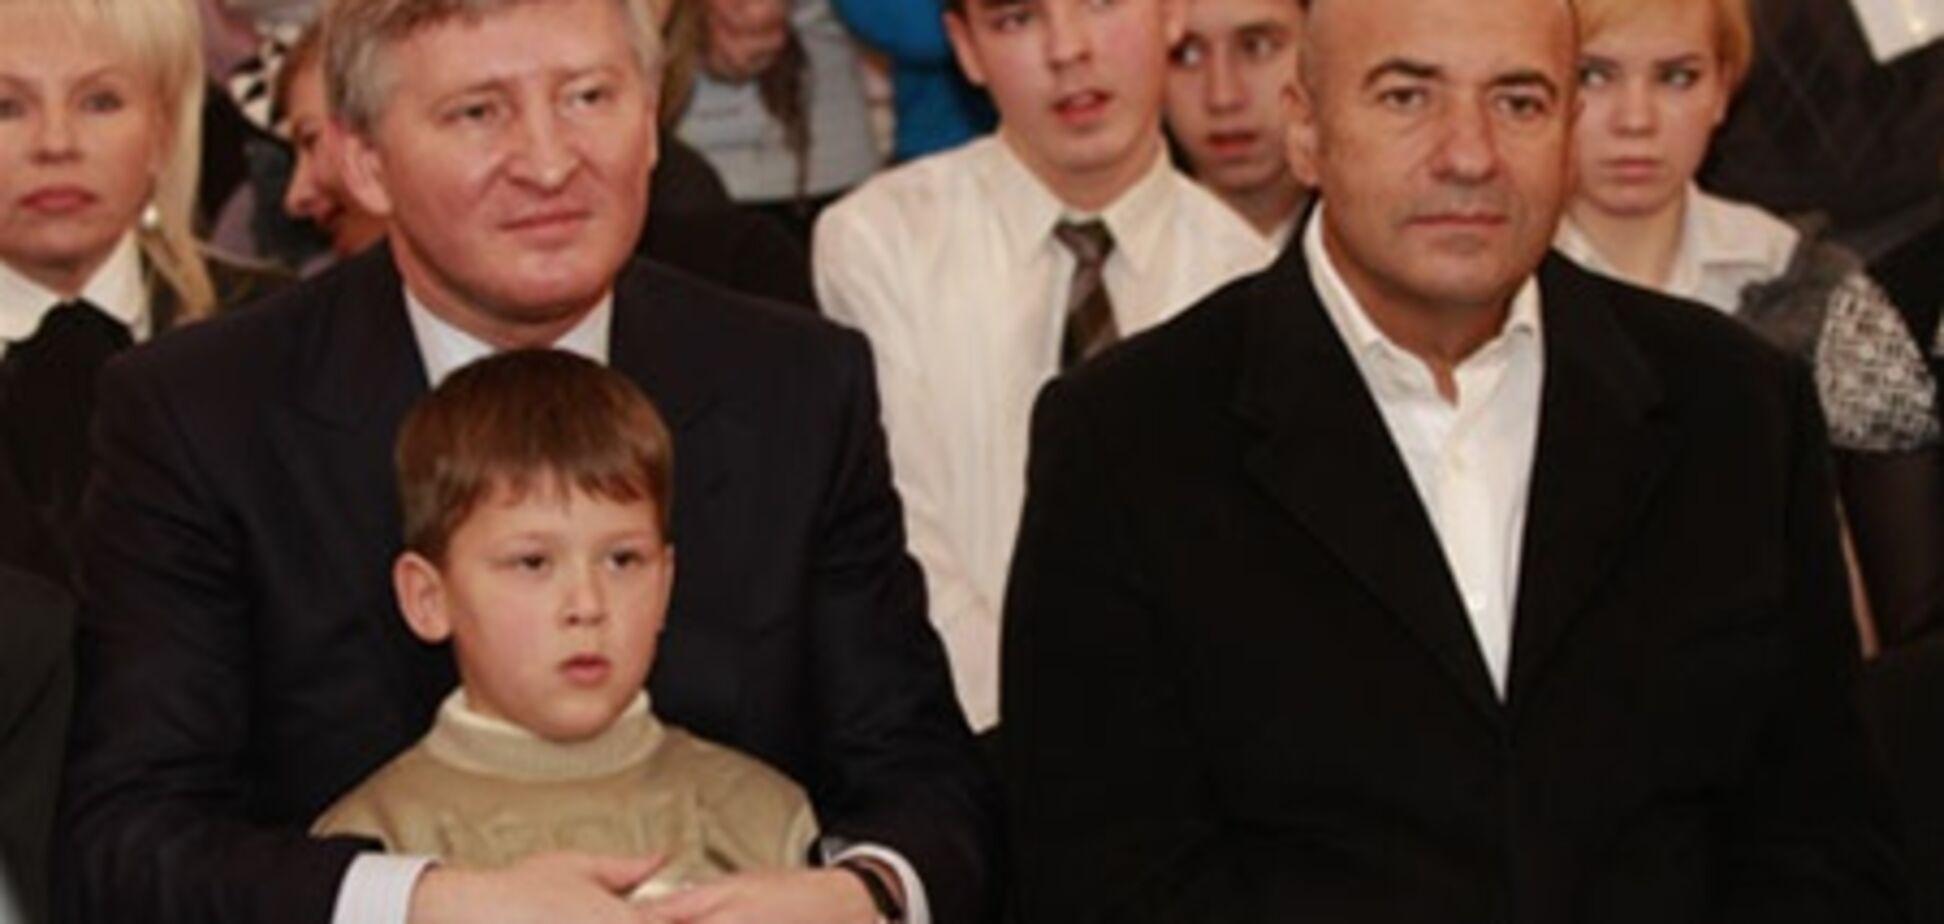 Ахметов і Крутой вирушили в дитбудинок з мільйонами